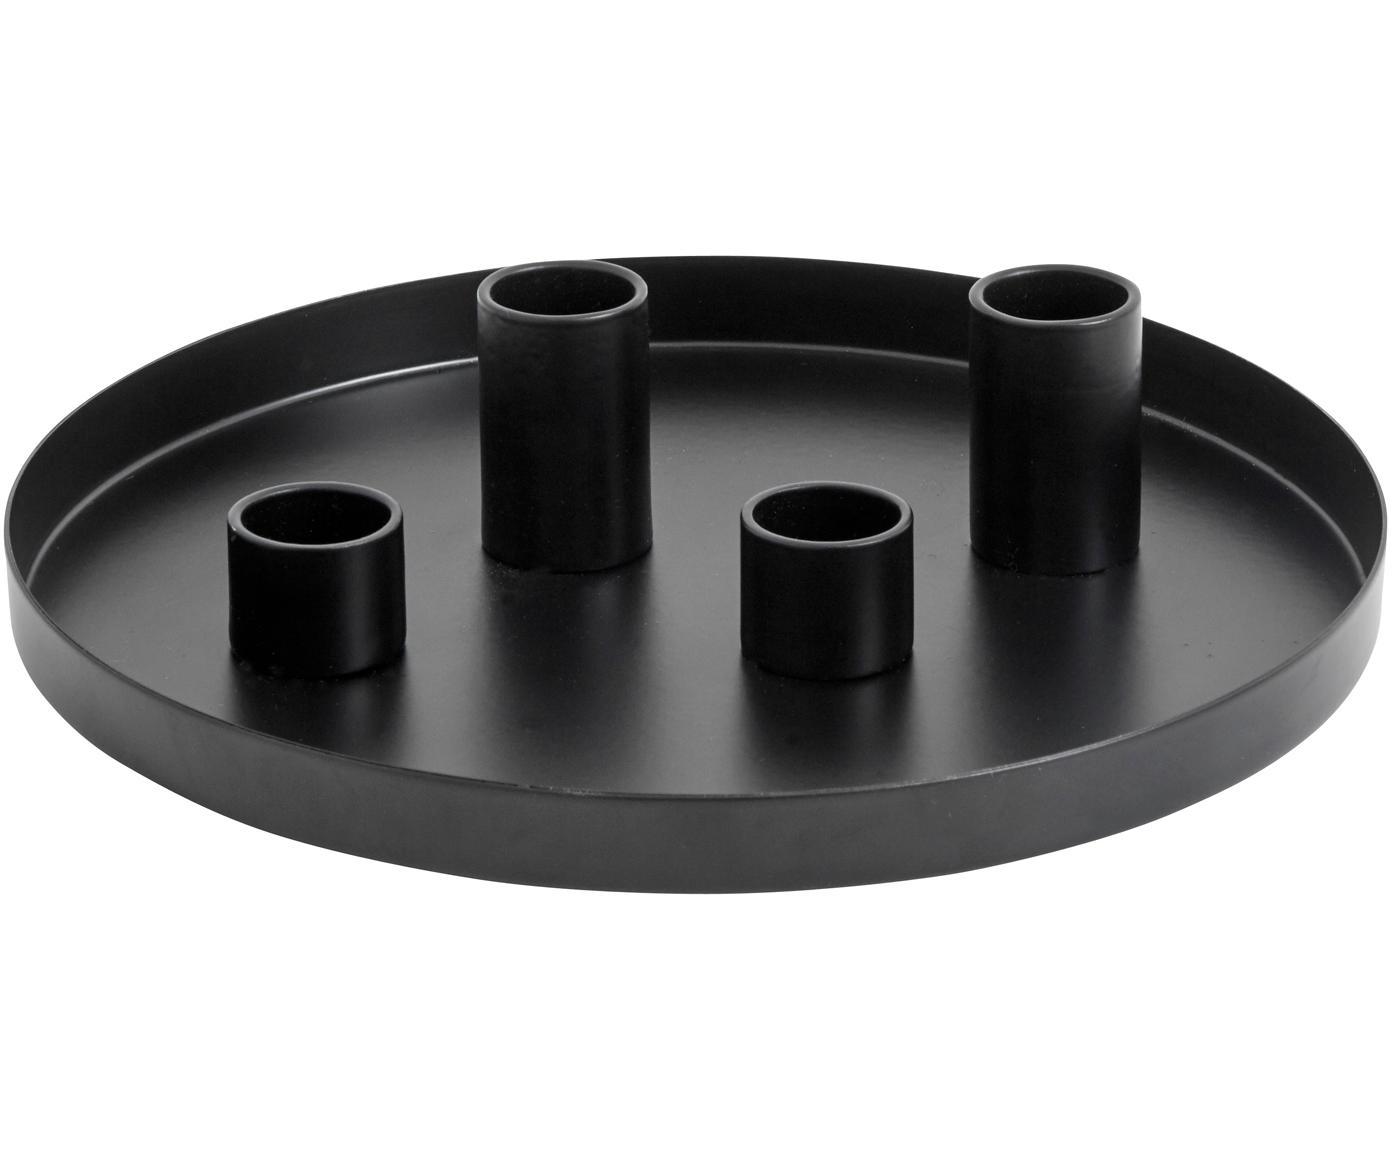 Kandelaar Cups, Gepoedercoat metaal, Zwart, Ø 20 x H 5 cm